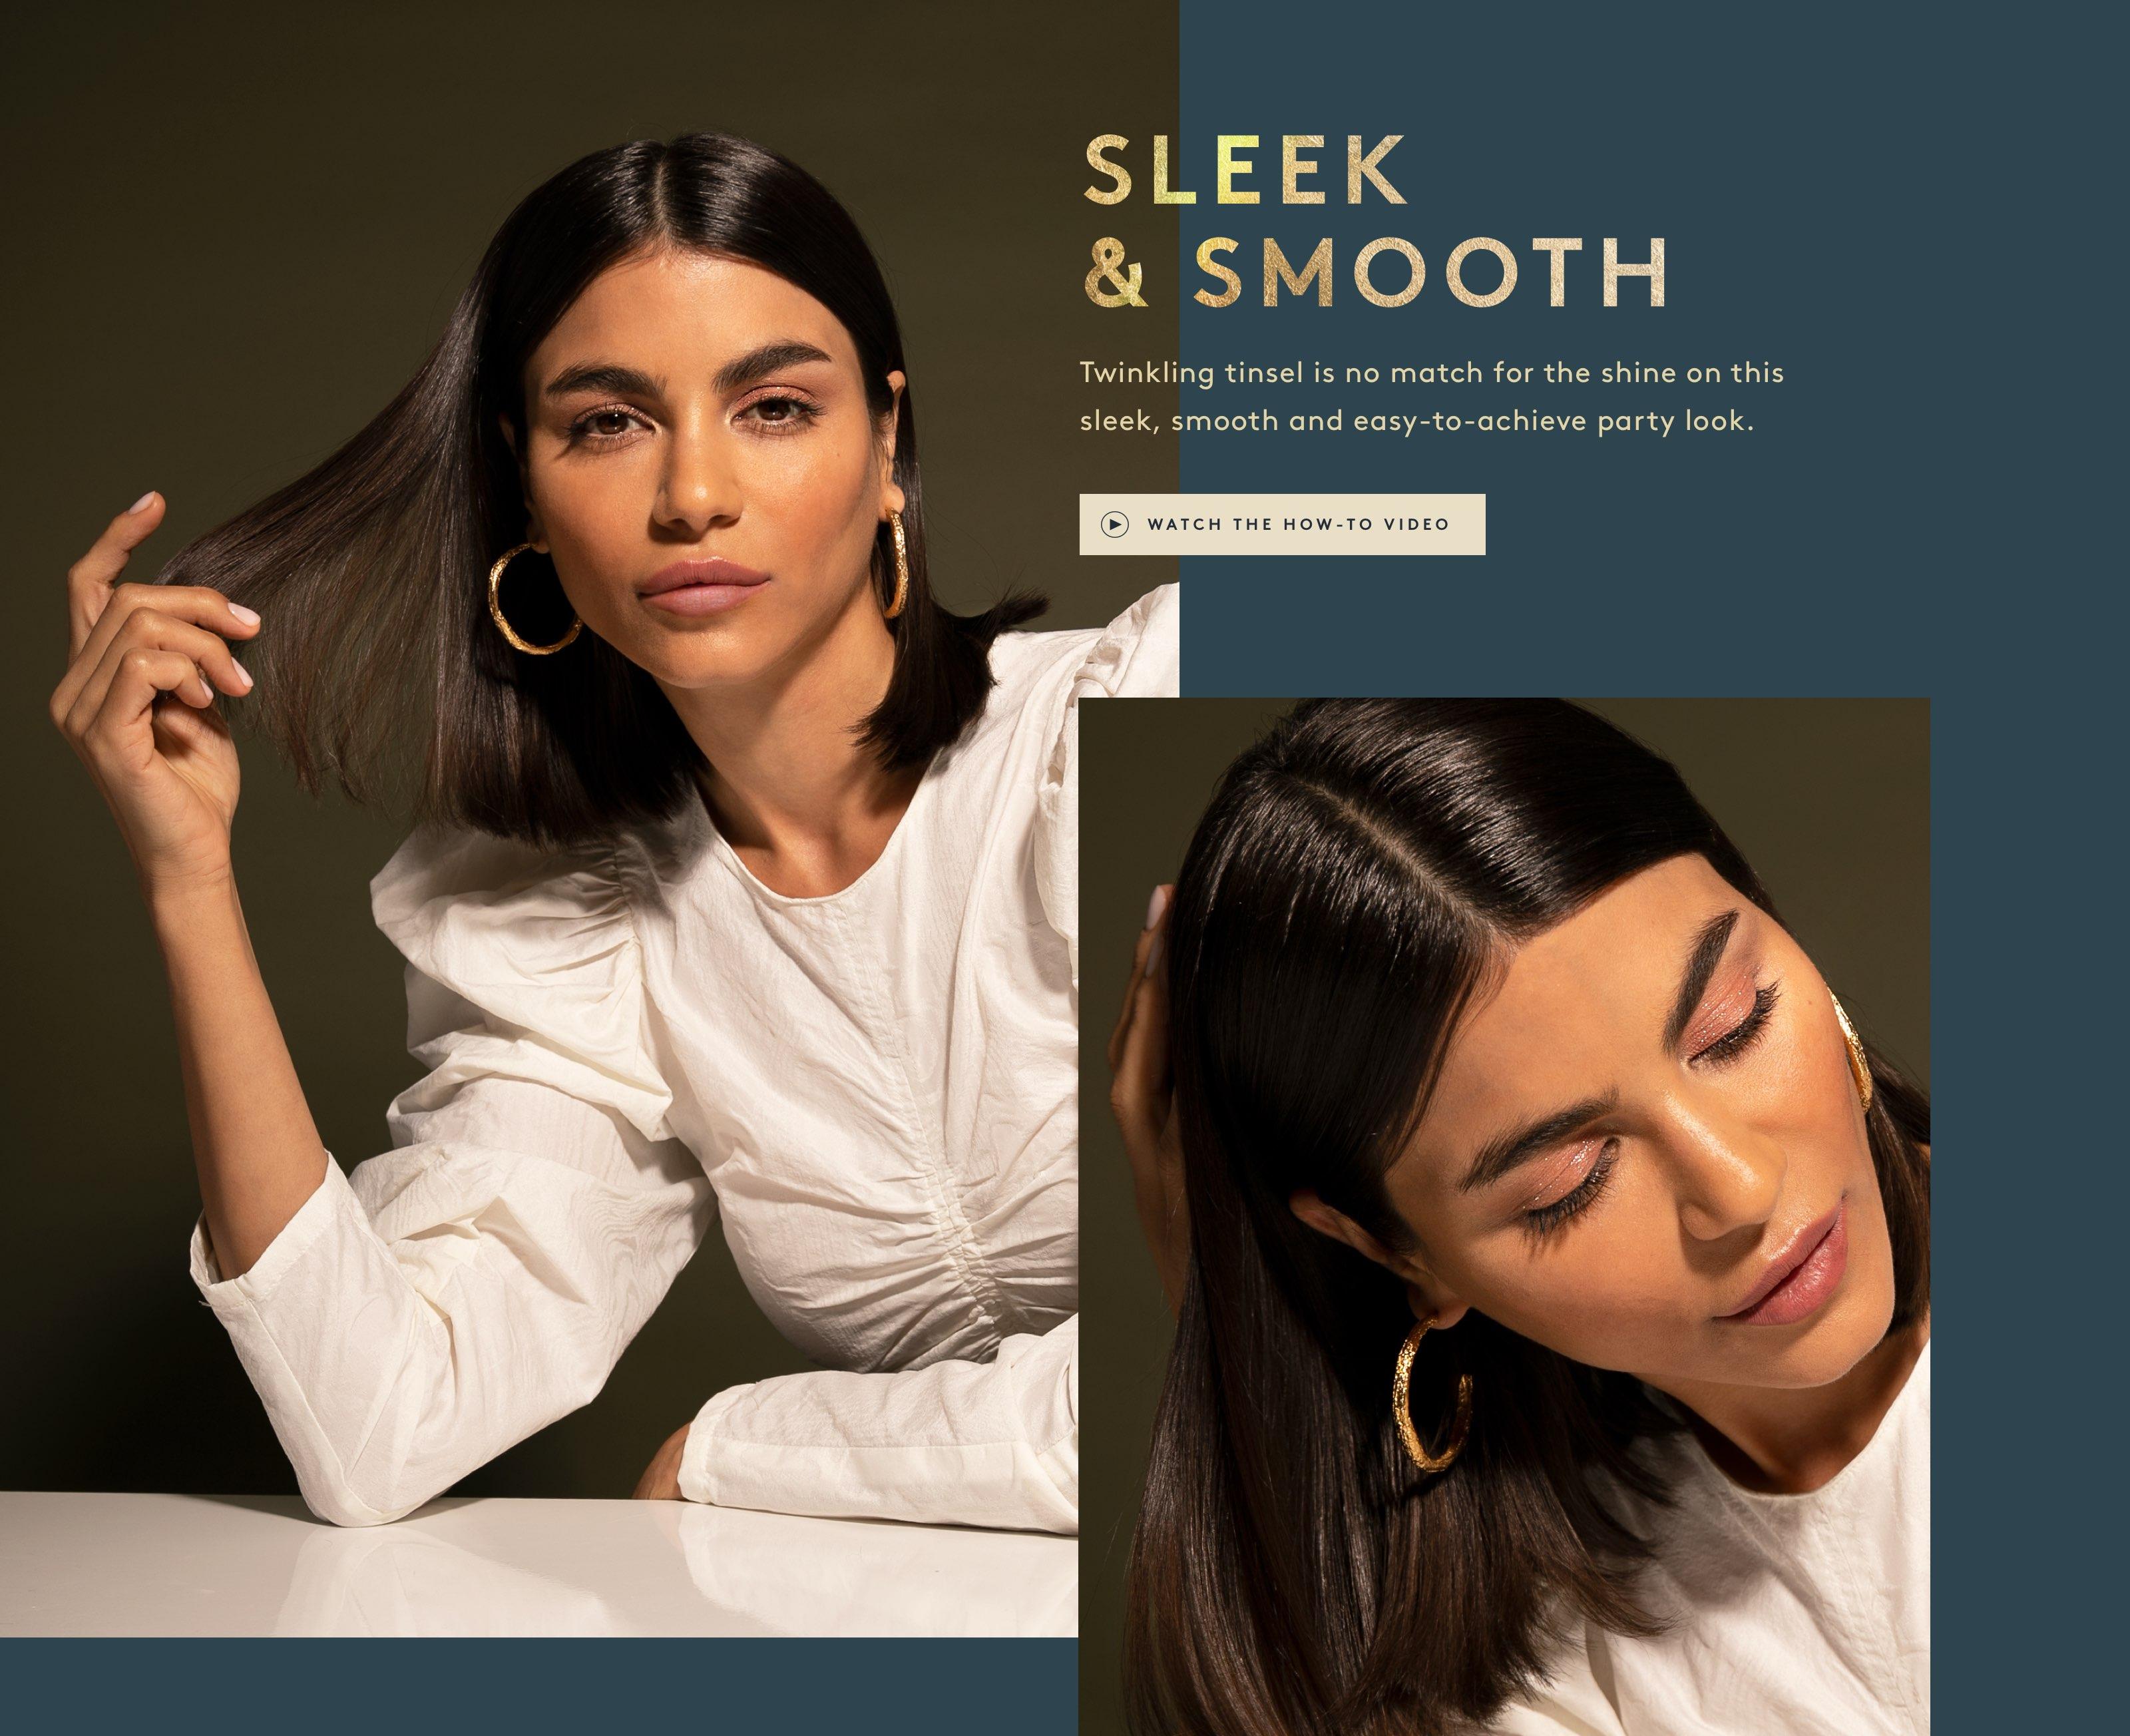 Sleek & Smooth